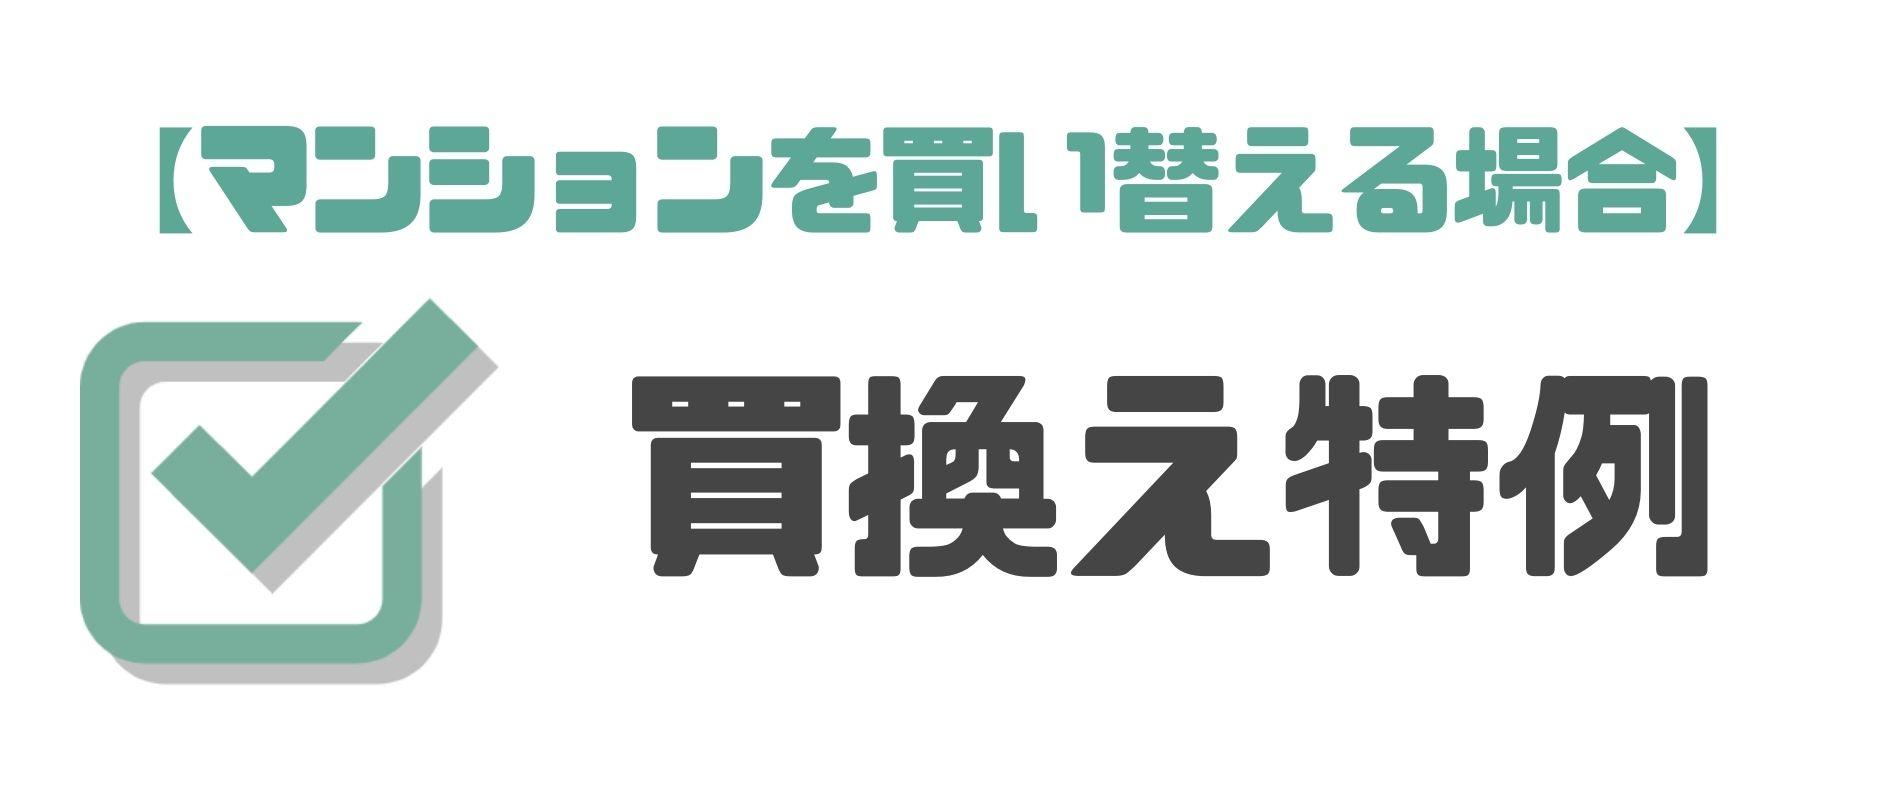 マンション_売却_税金_買換え特例